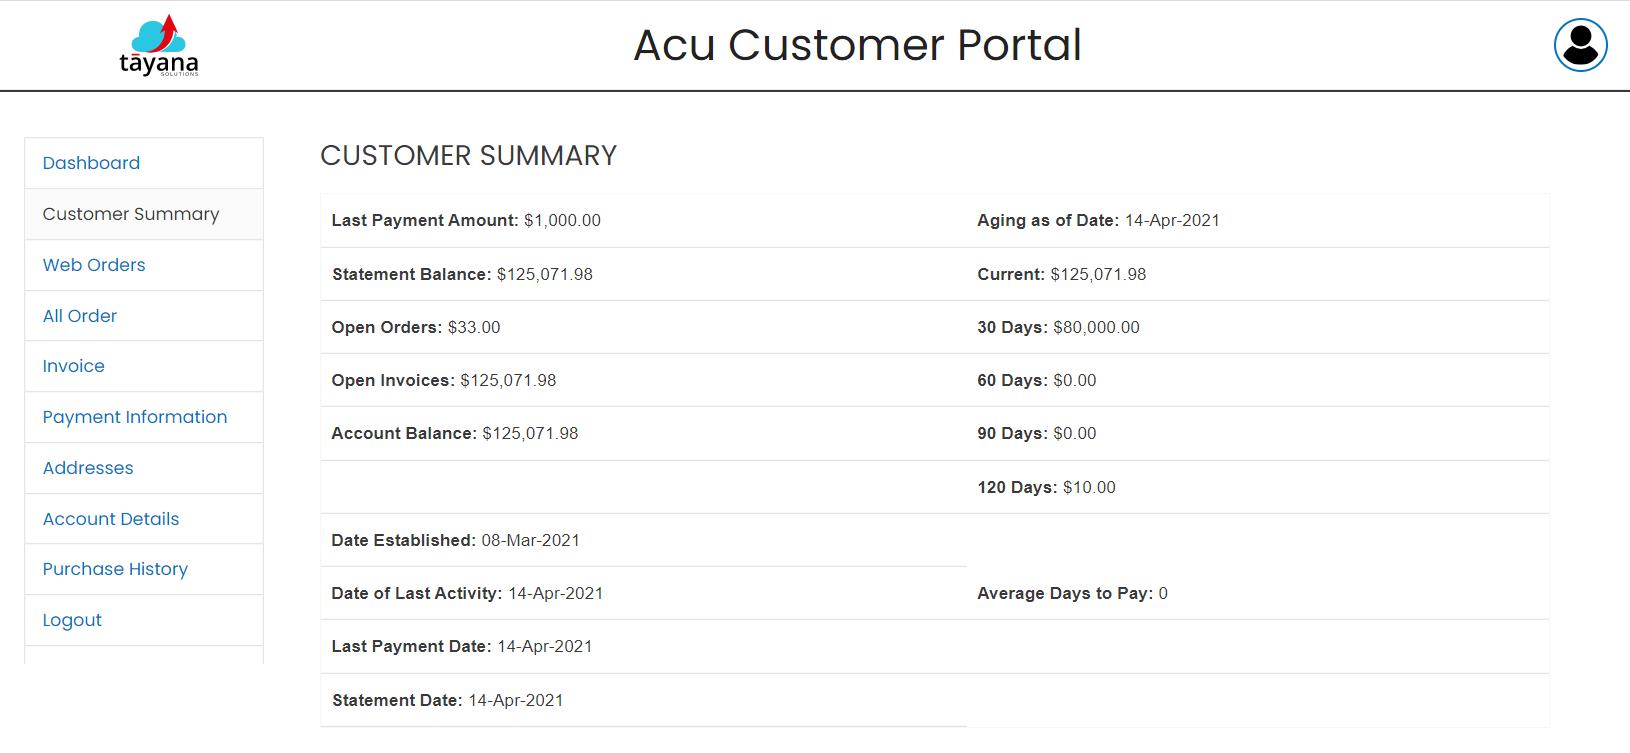 AcuCustomerPortal-CustomerSummary